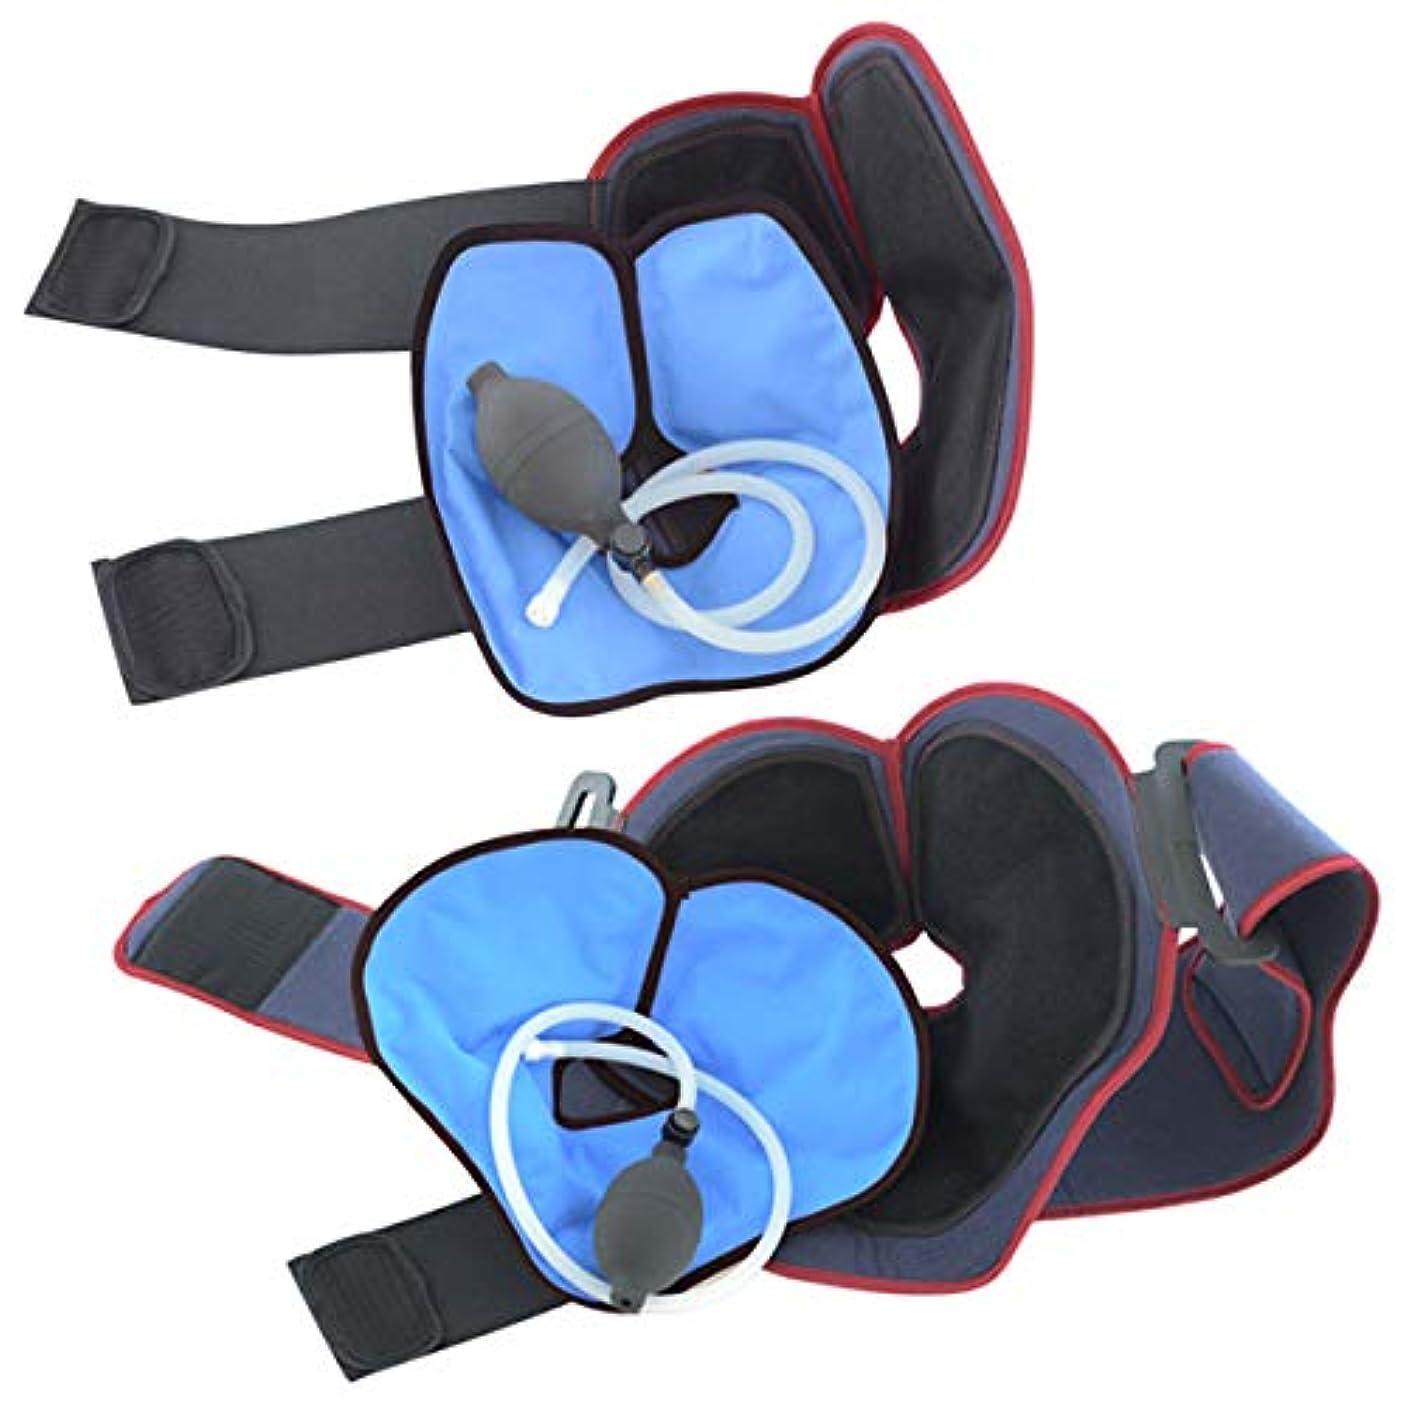 暴行暖かくスーツケース[少年野球用 アイシング用品セット] 医療用冷却パック コールドラップ ジュニア 肩、ひじ?ひざ(左右兼用) アイシングサポーター付 コールドラップJr